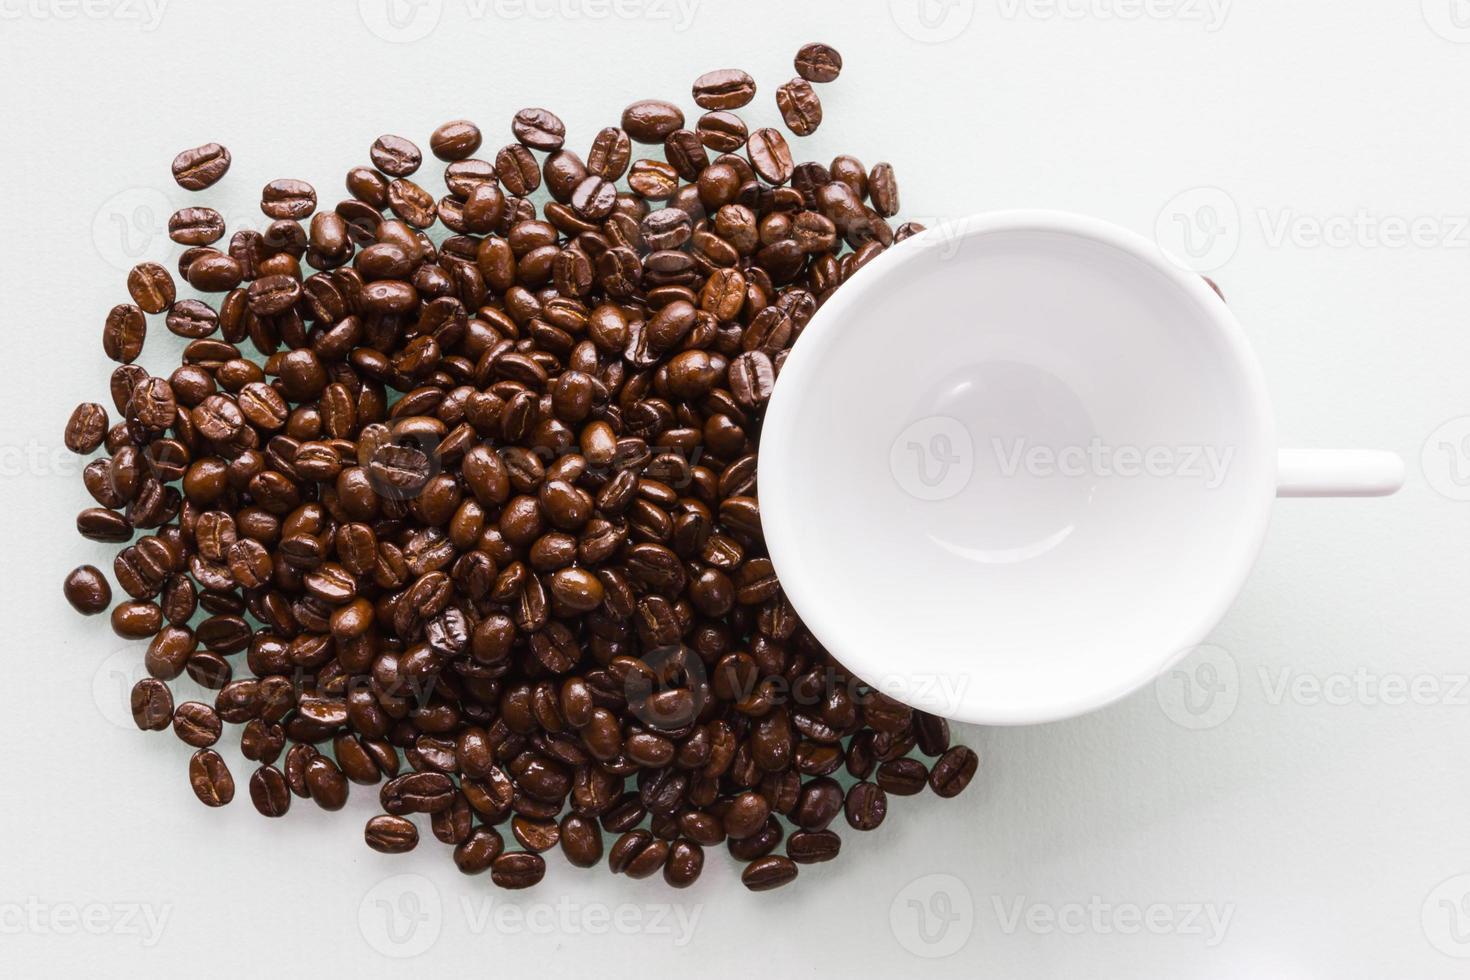 xícara de café branco e grãos de café. foto